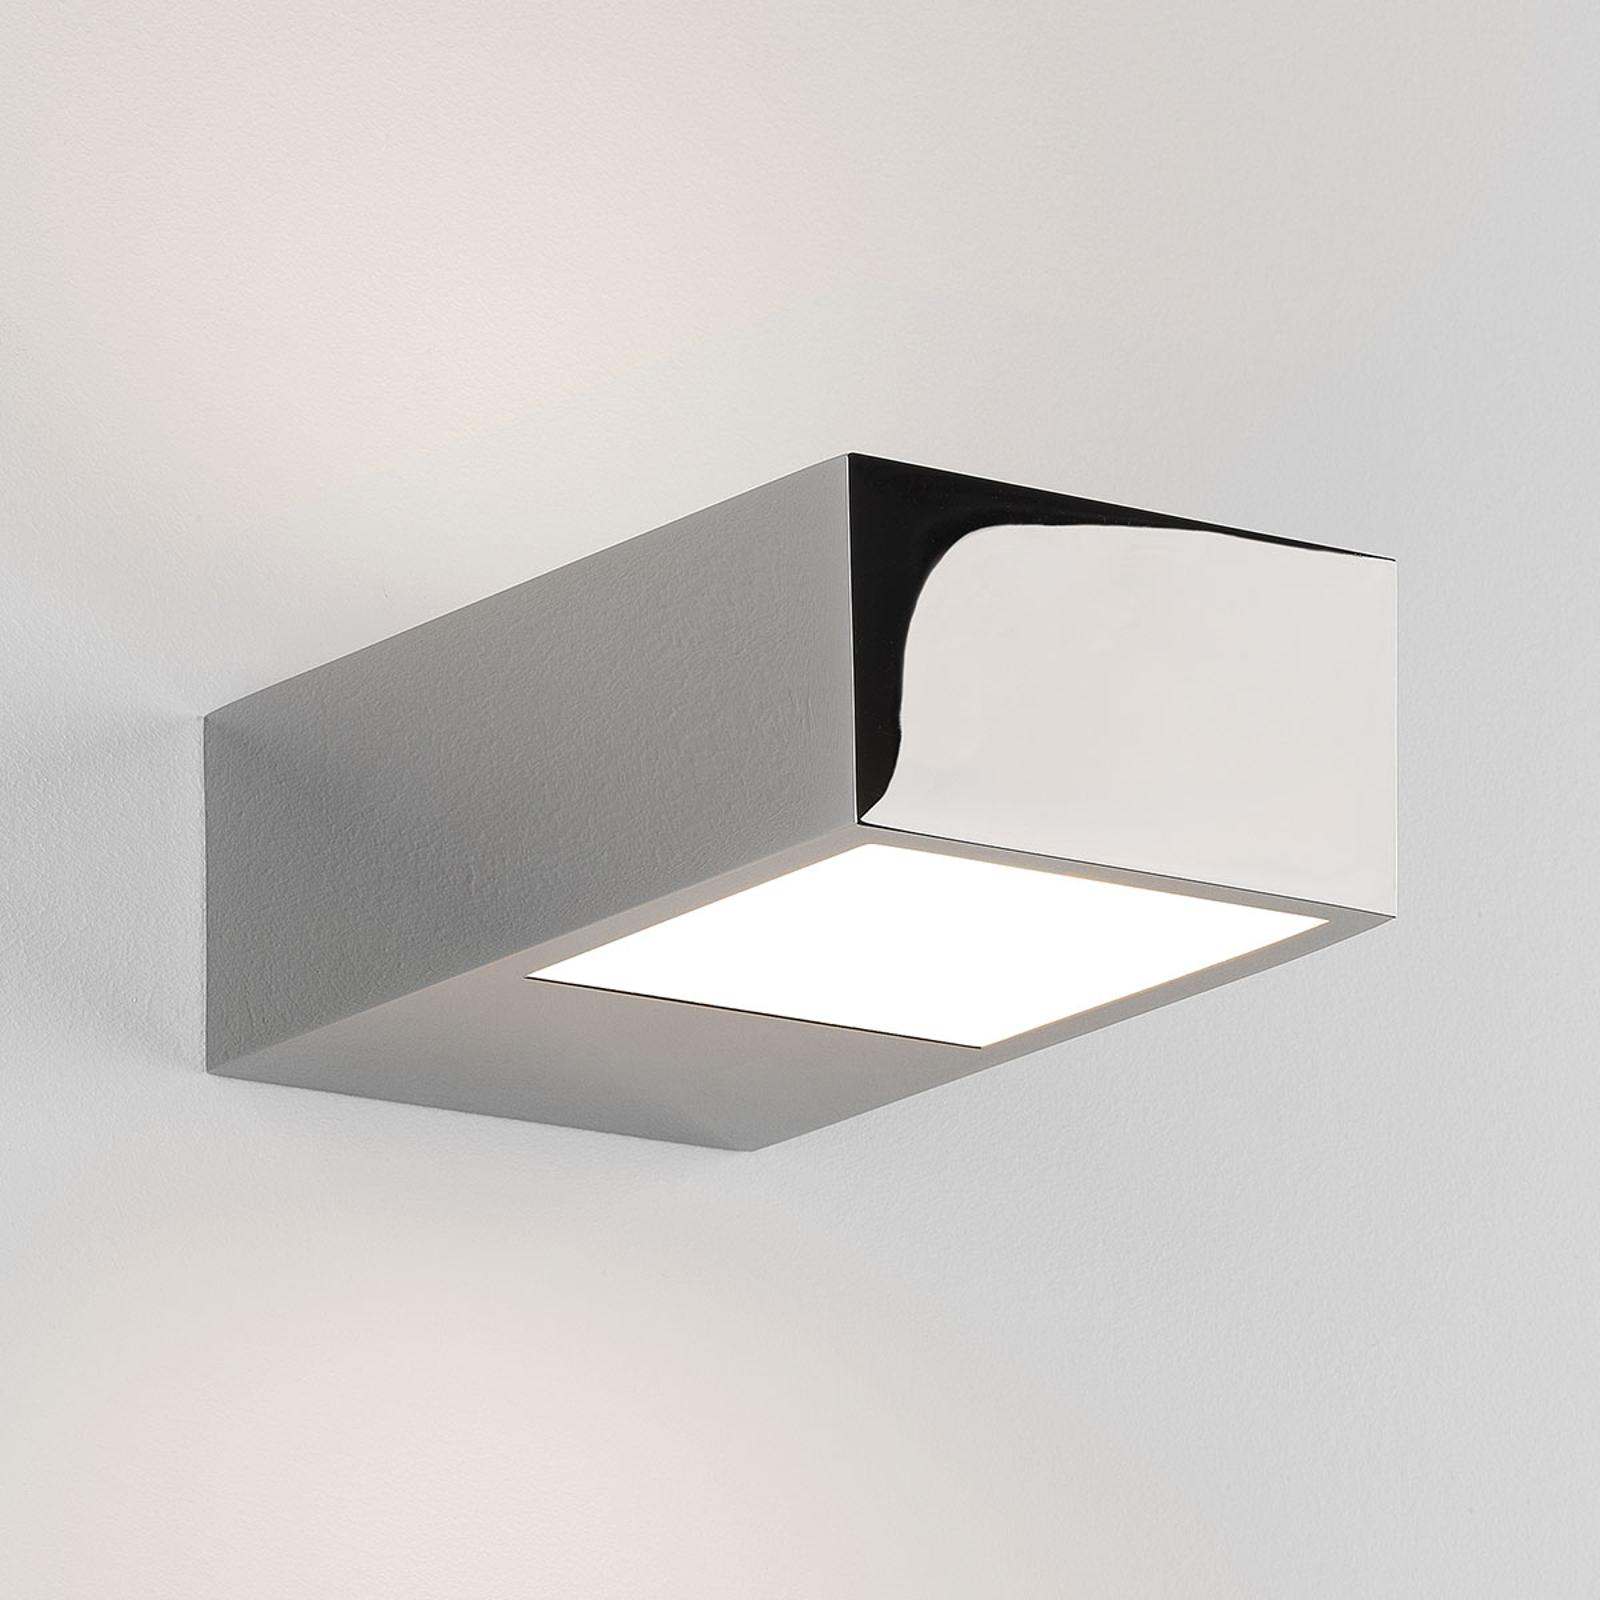 Acquista Astro Kappa - applique angolare LED da bagno